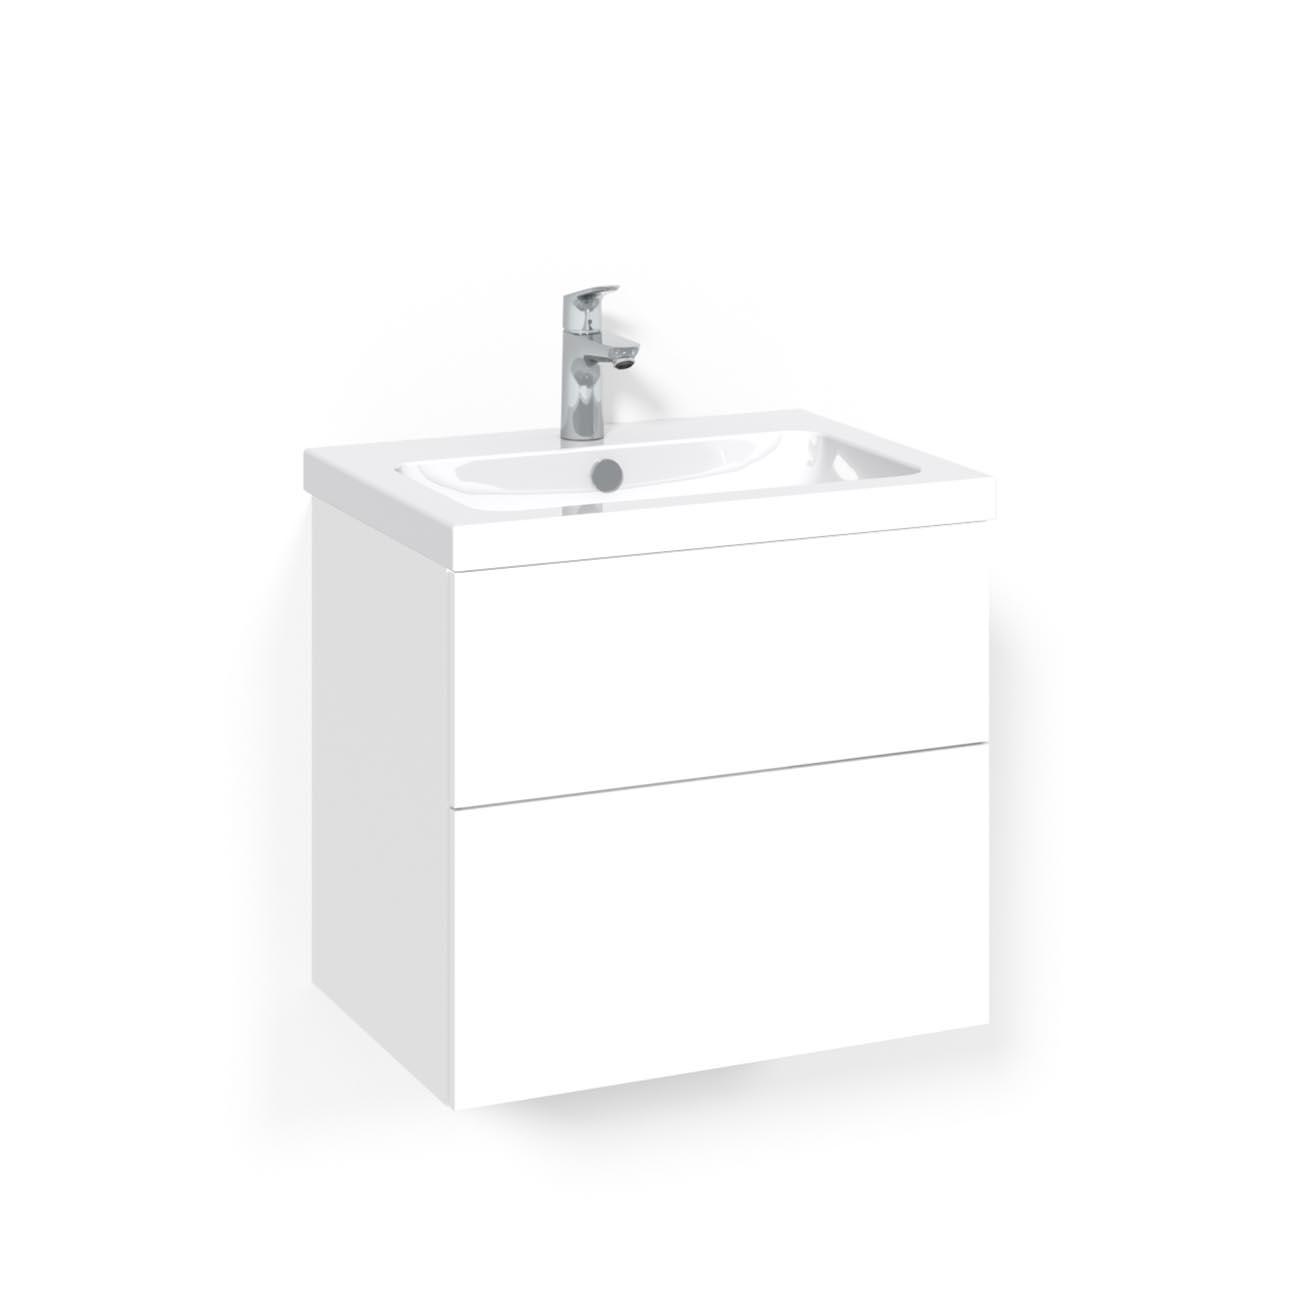 Tvättställsskåp Macro Design Crown Plain Light 45